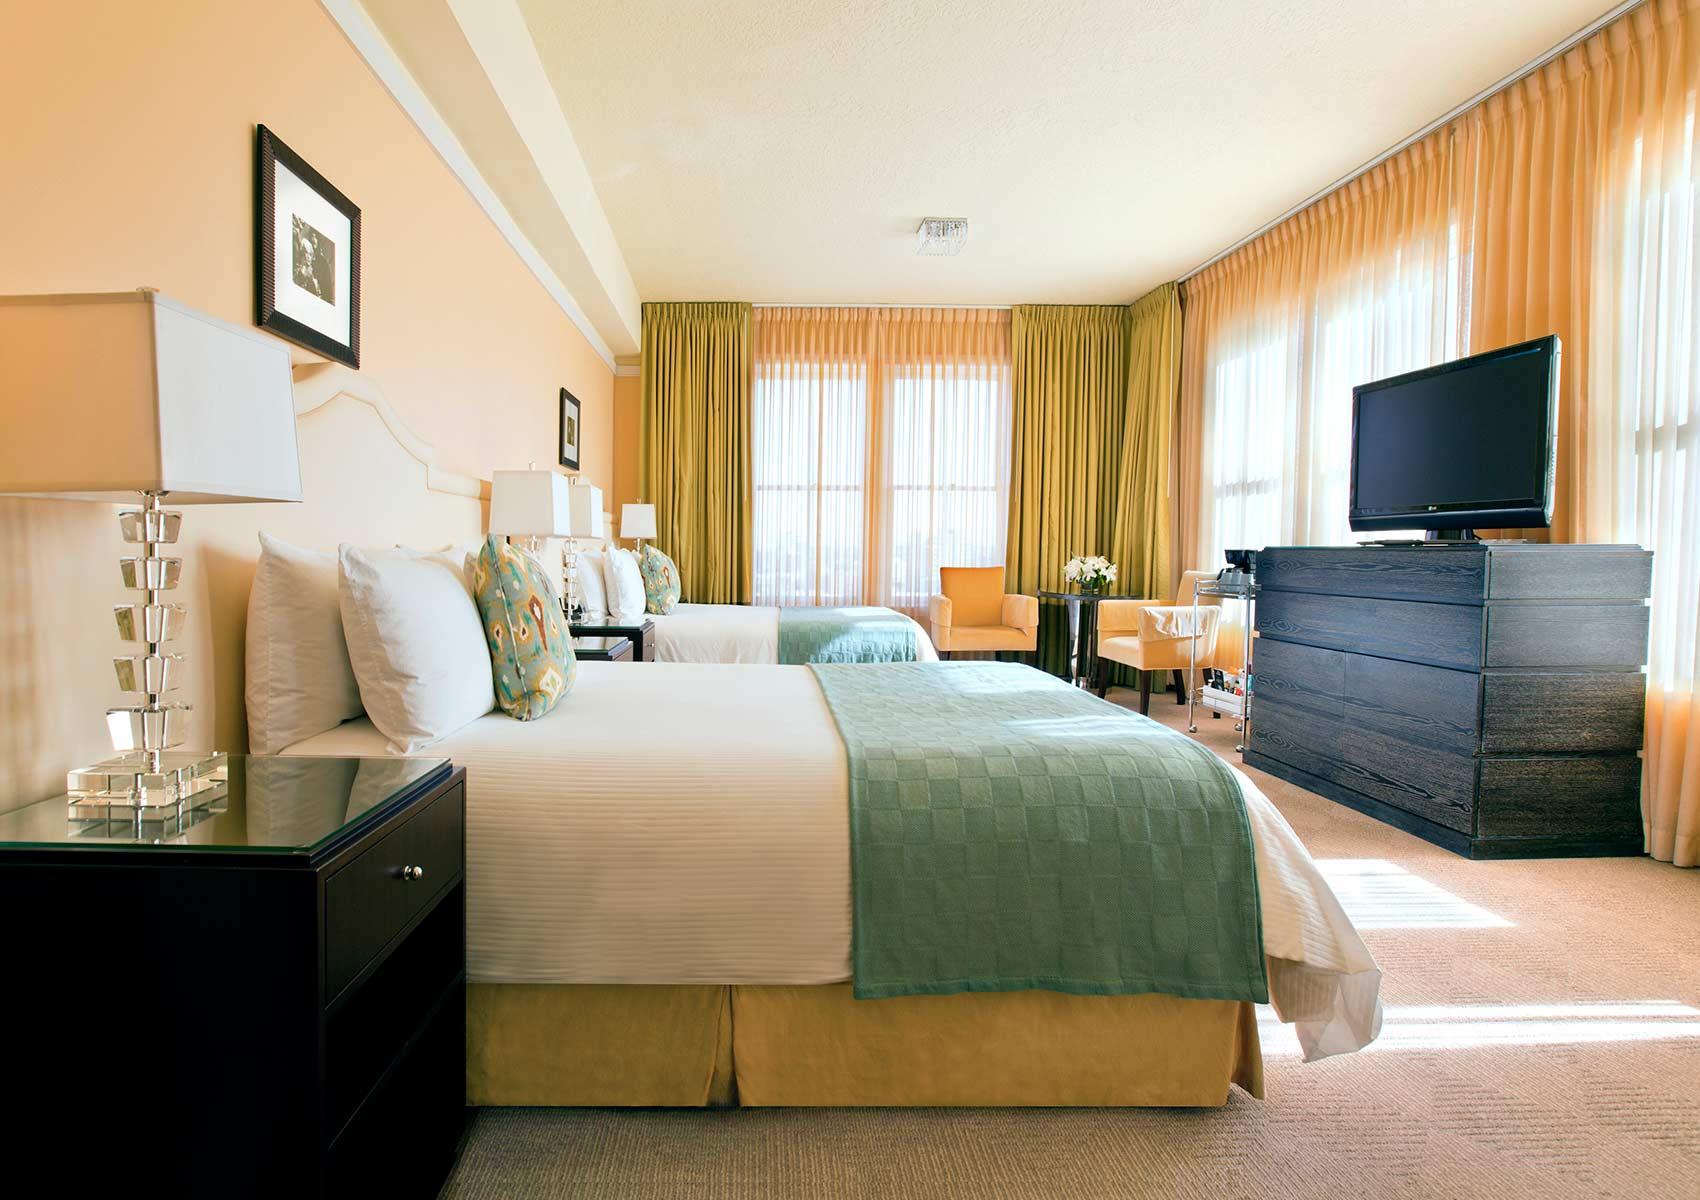 Hotel-deLuxe-Guestroom.jpg